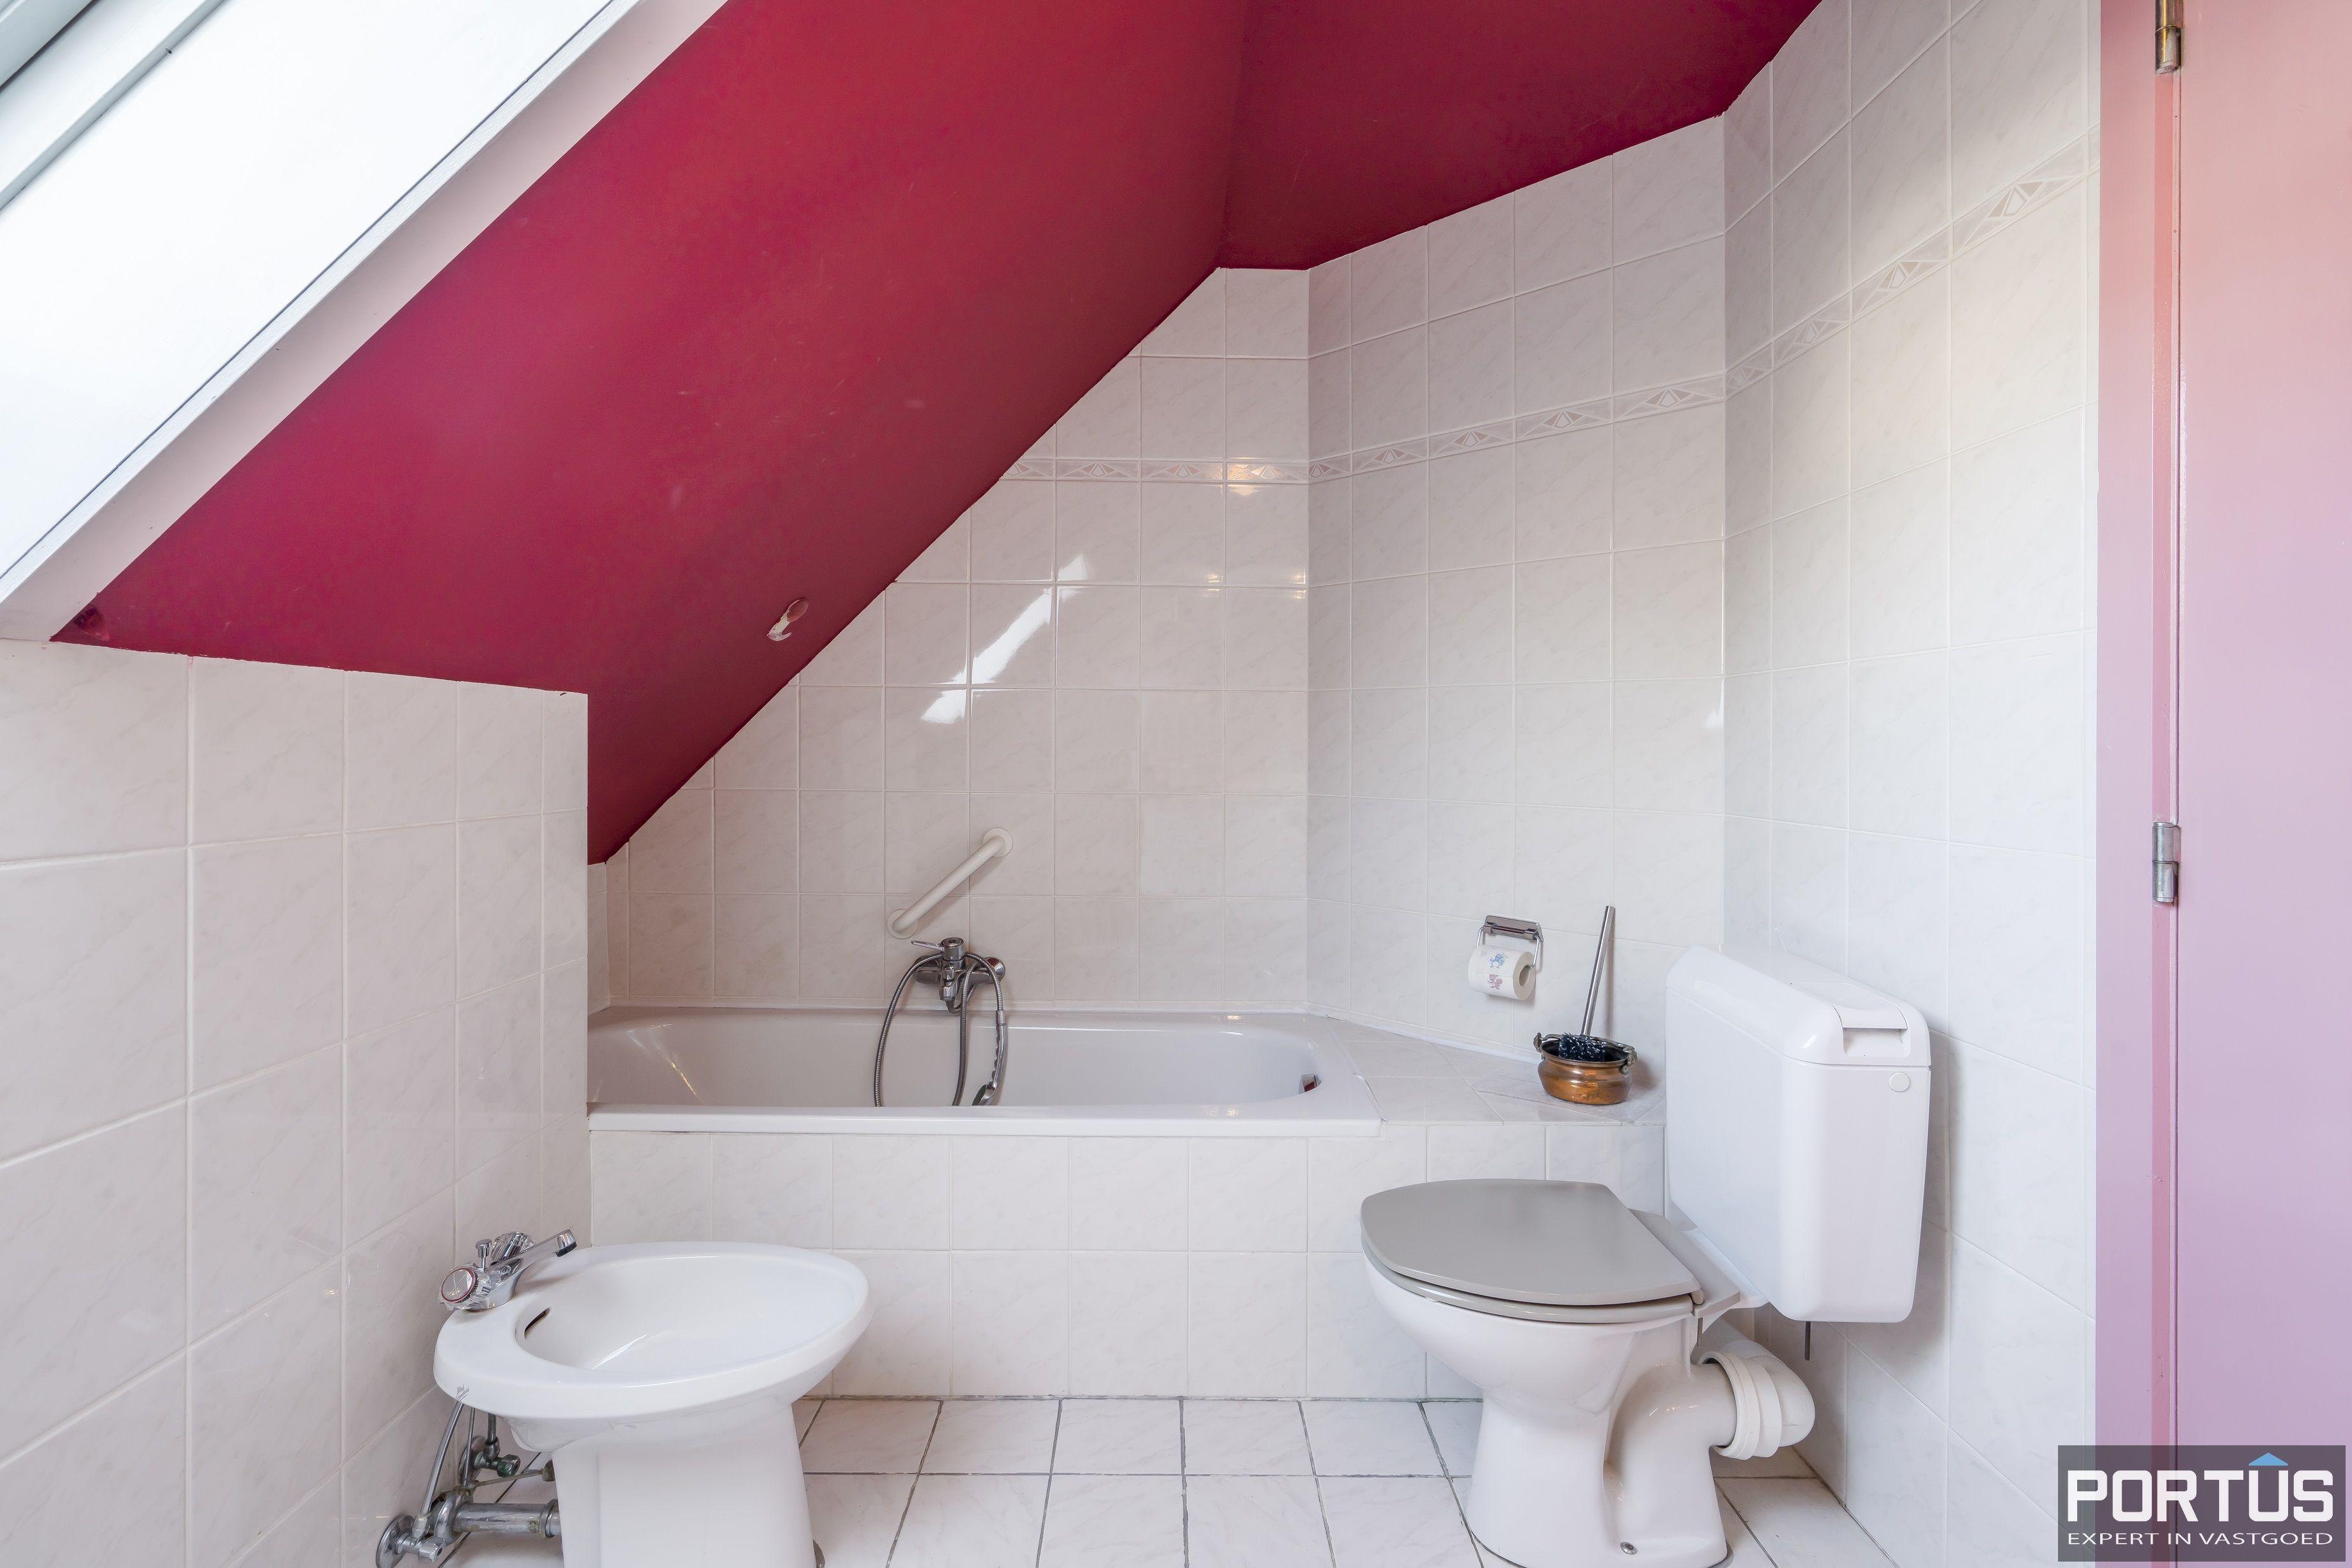 Villa te koop met 3 slaapkamers te Nieuwpoort - 14022